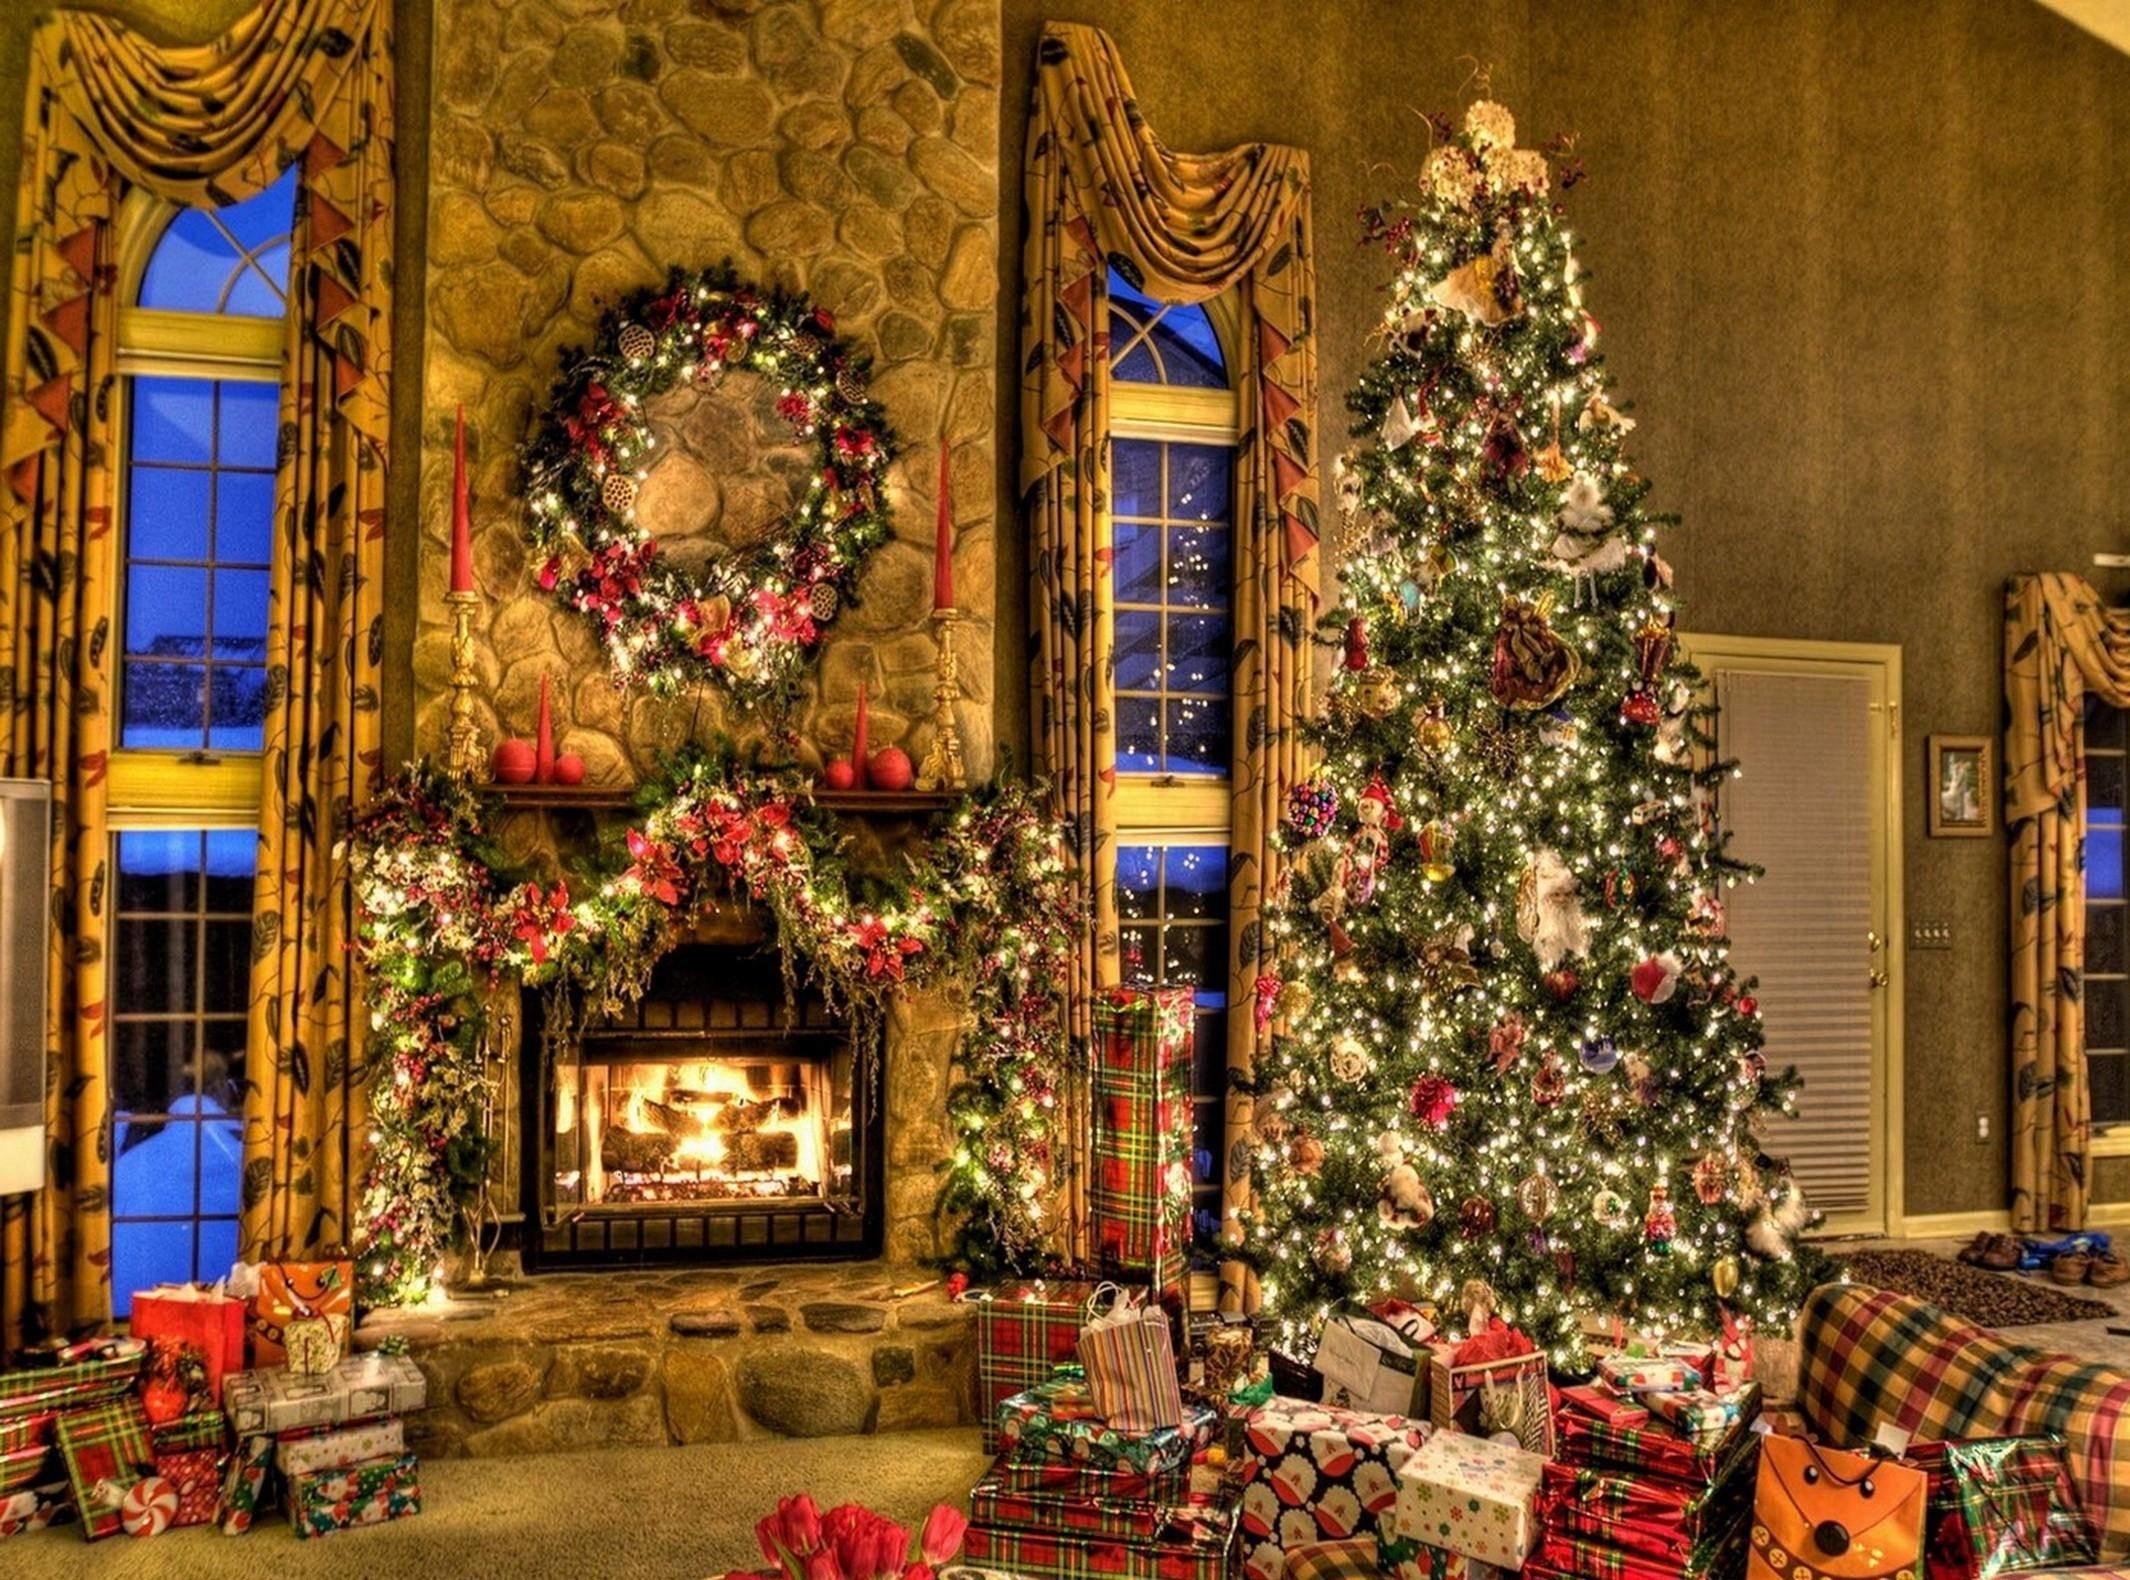 Christmas Screen Backgrounds 16020 Best HD Wallpapers | Wallpaiper.